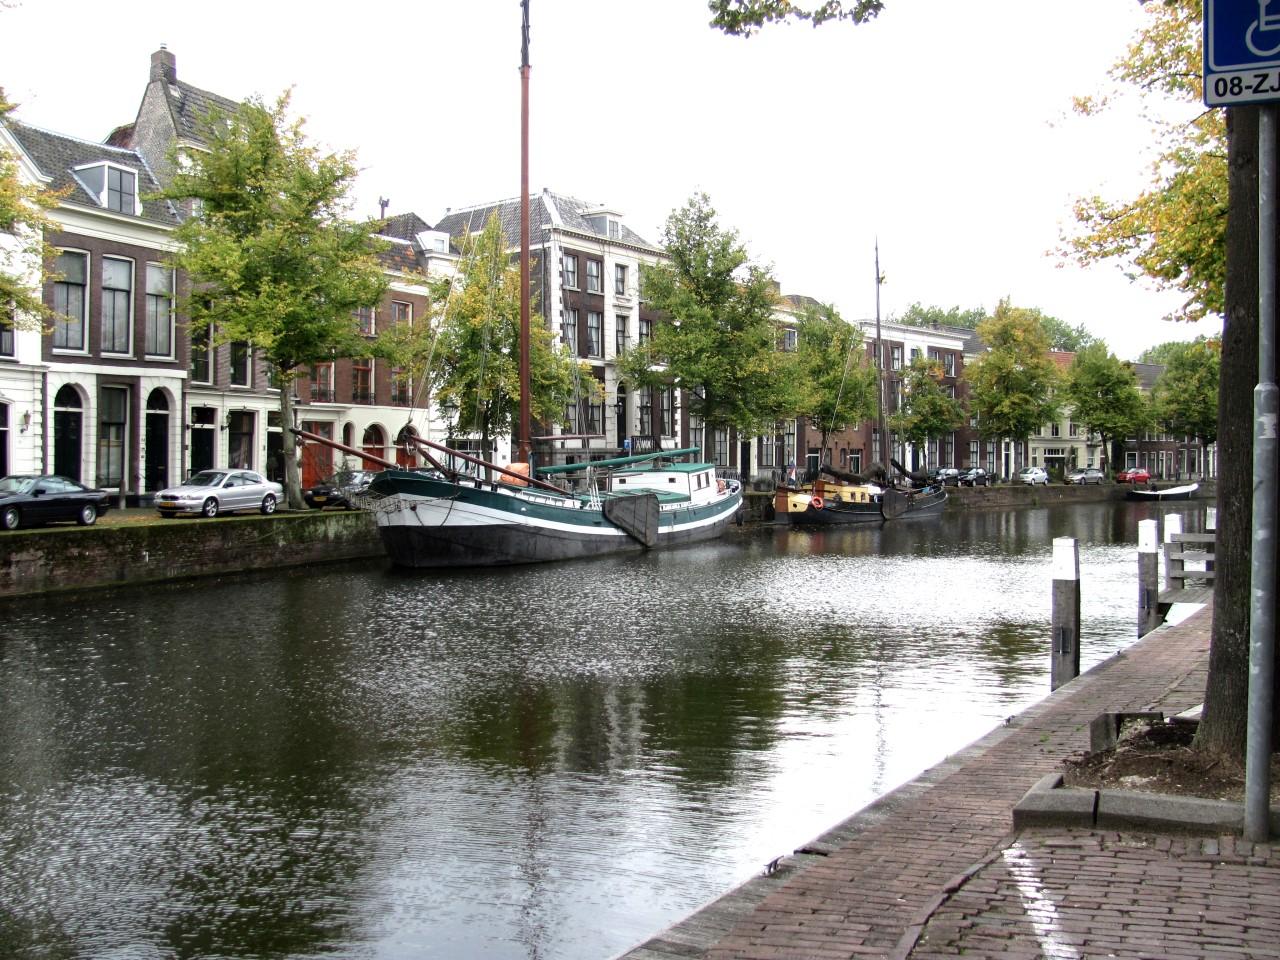 Átmetróztunk Schiedam-ba, ahol ilyen egy tipikus utcakép